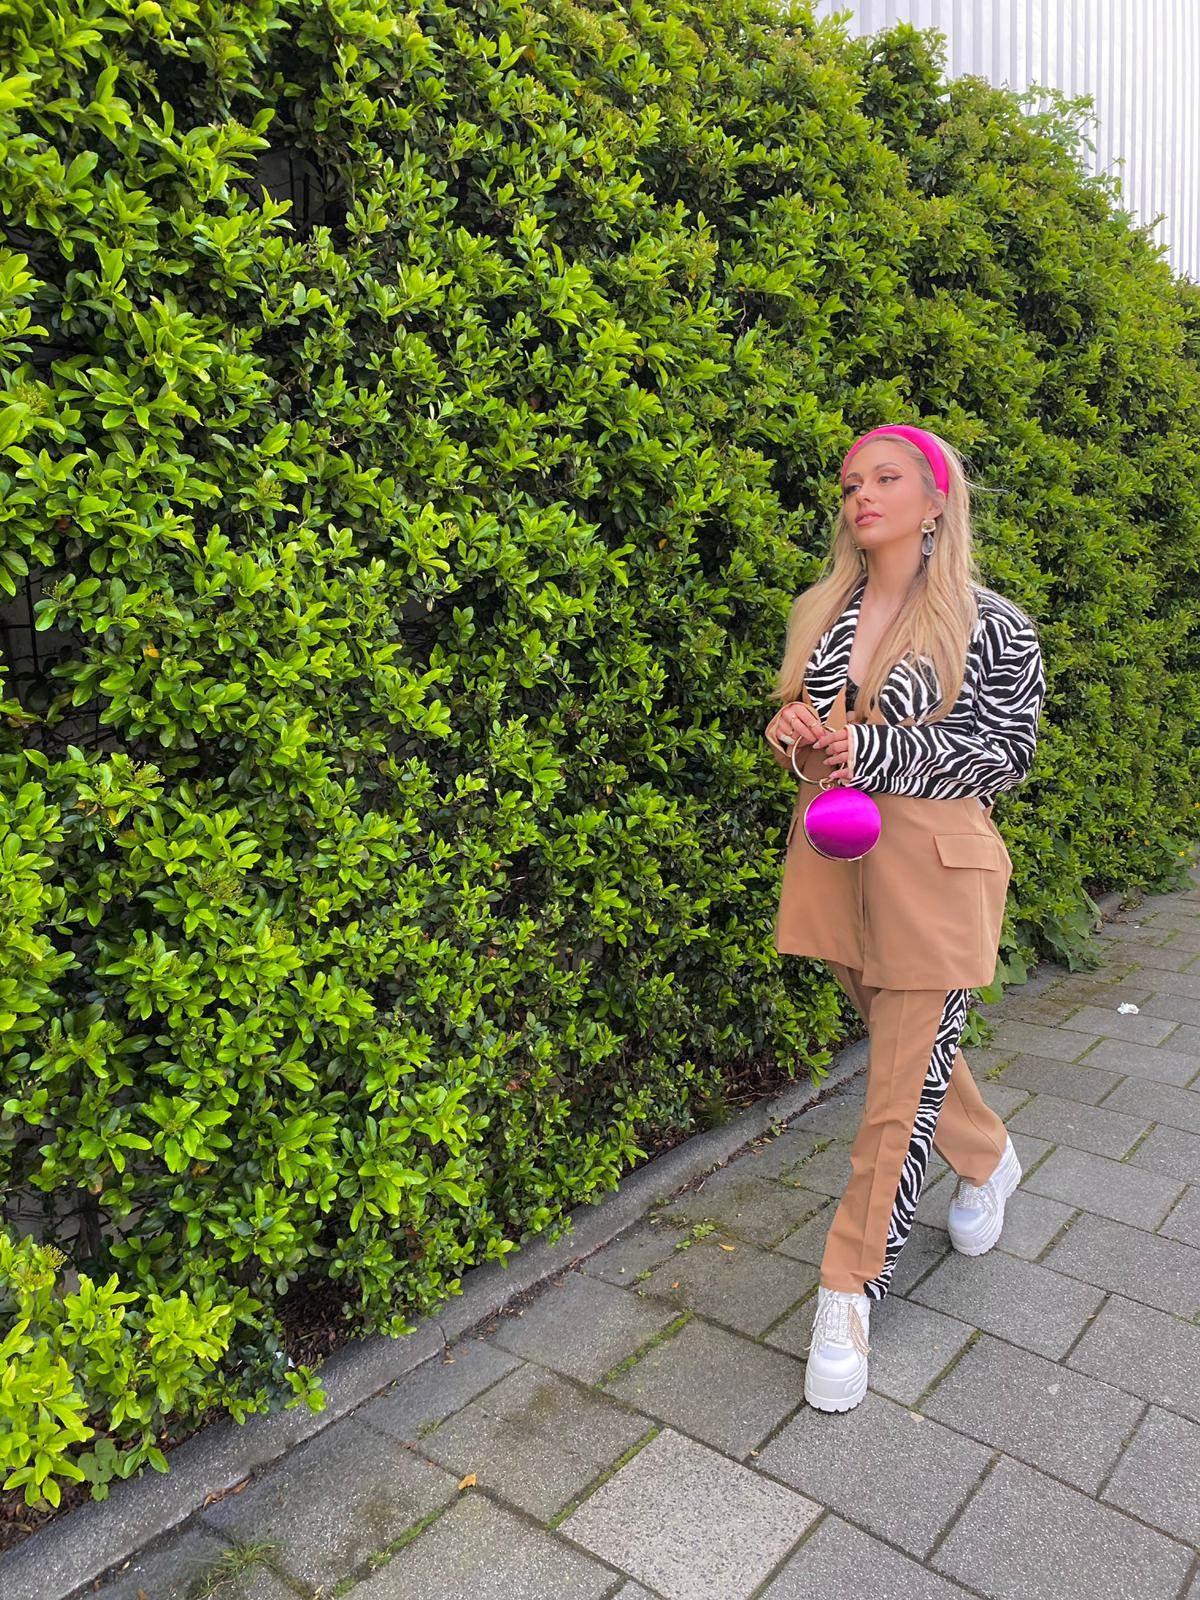 albina grčić